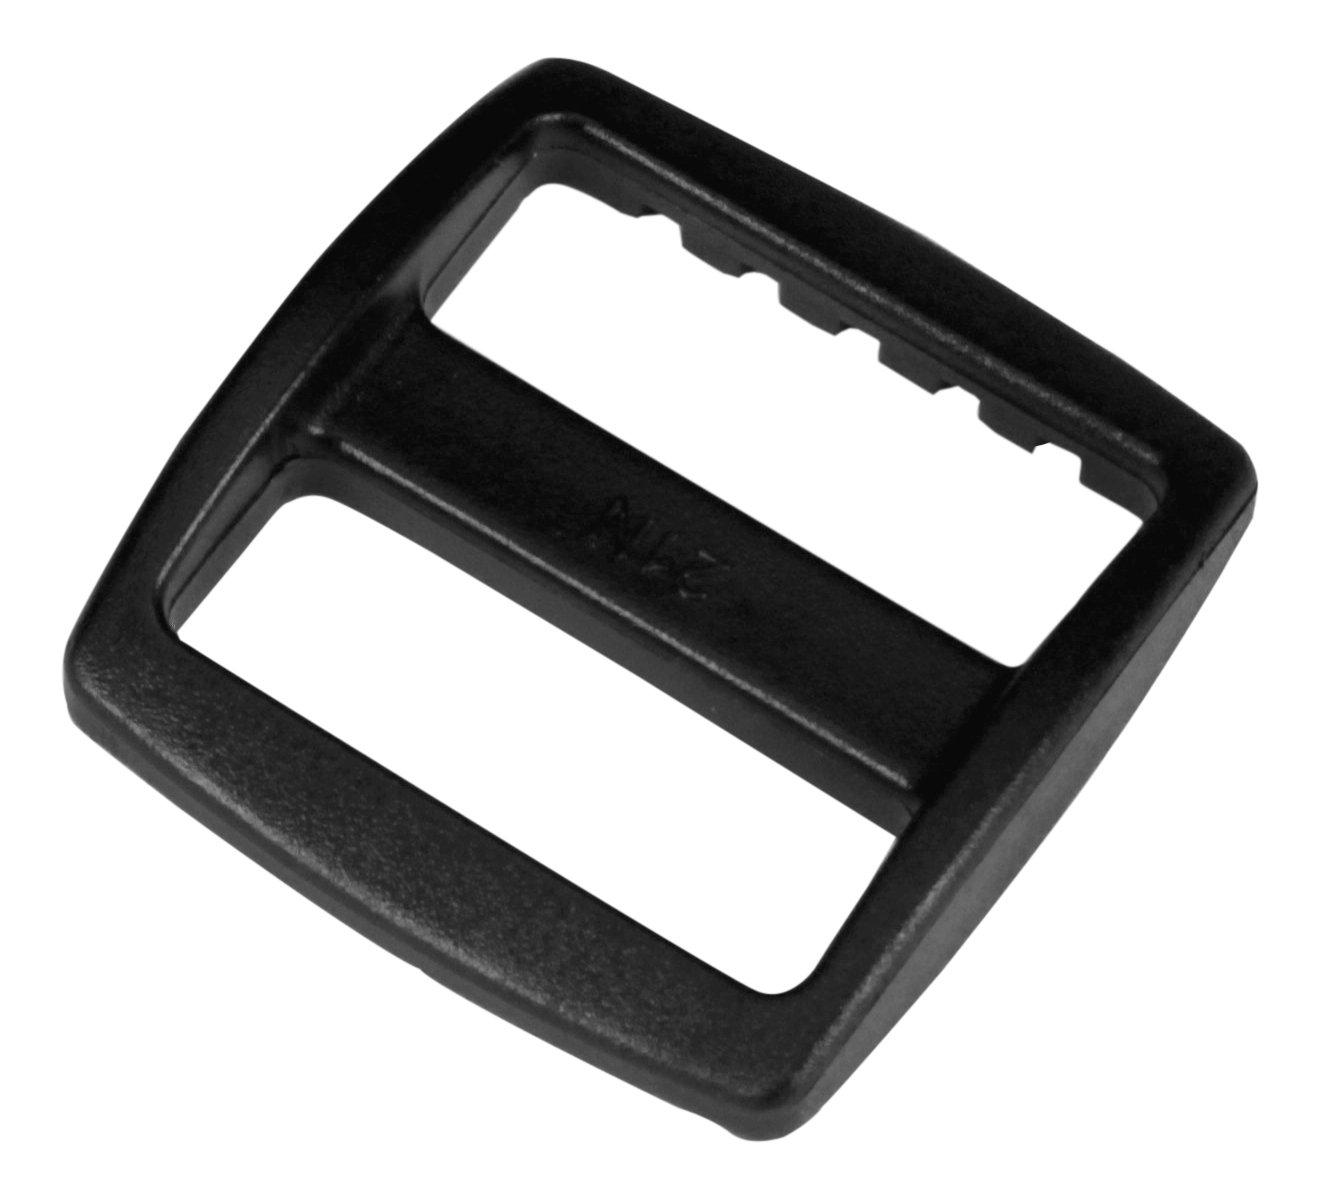 Strapworks Black Plastic Wide Mouth Tri-Glide Slide – for Bag Straps, Rifle Slings, Dog Collars - 1 Inch, 10 Pack PLH-SLS-PLS-001-WDM-10P